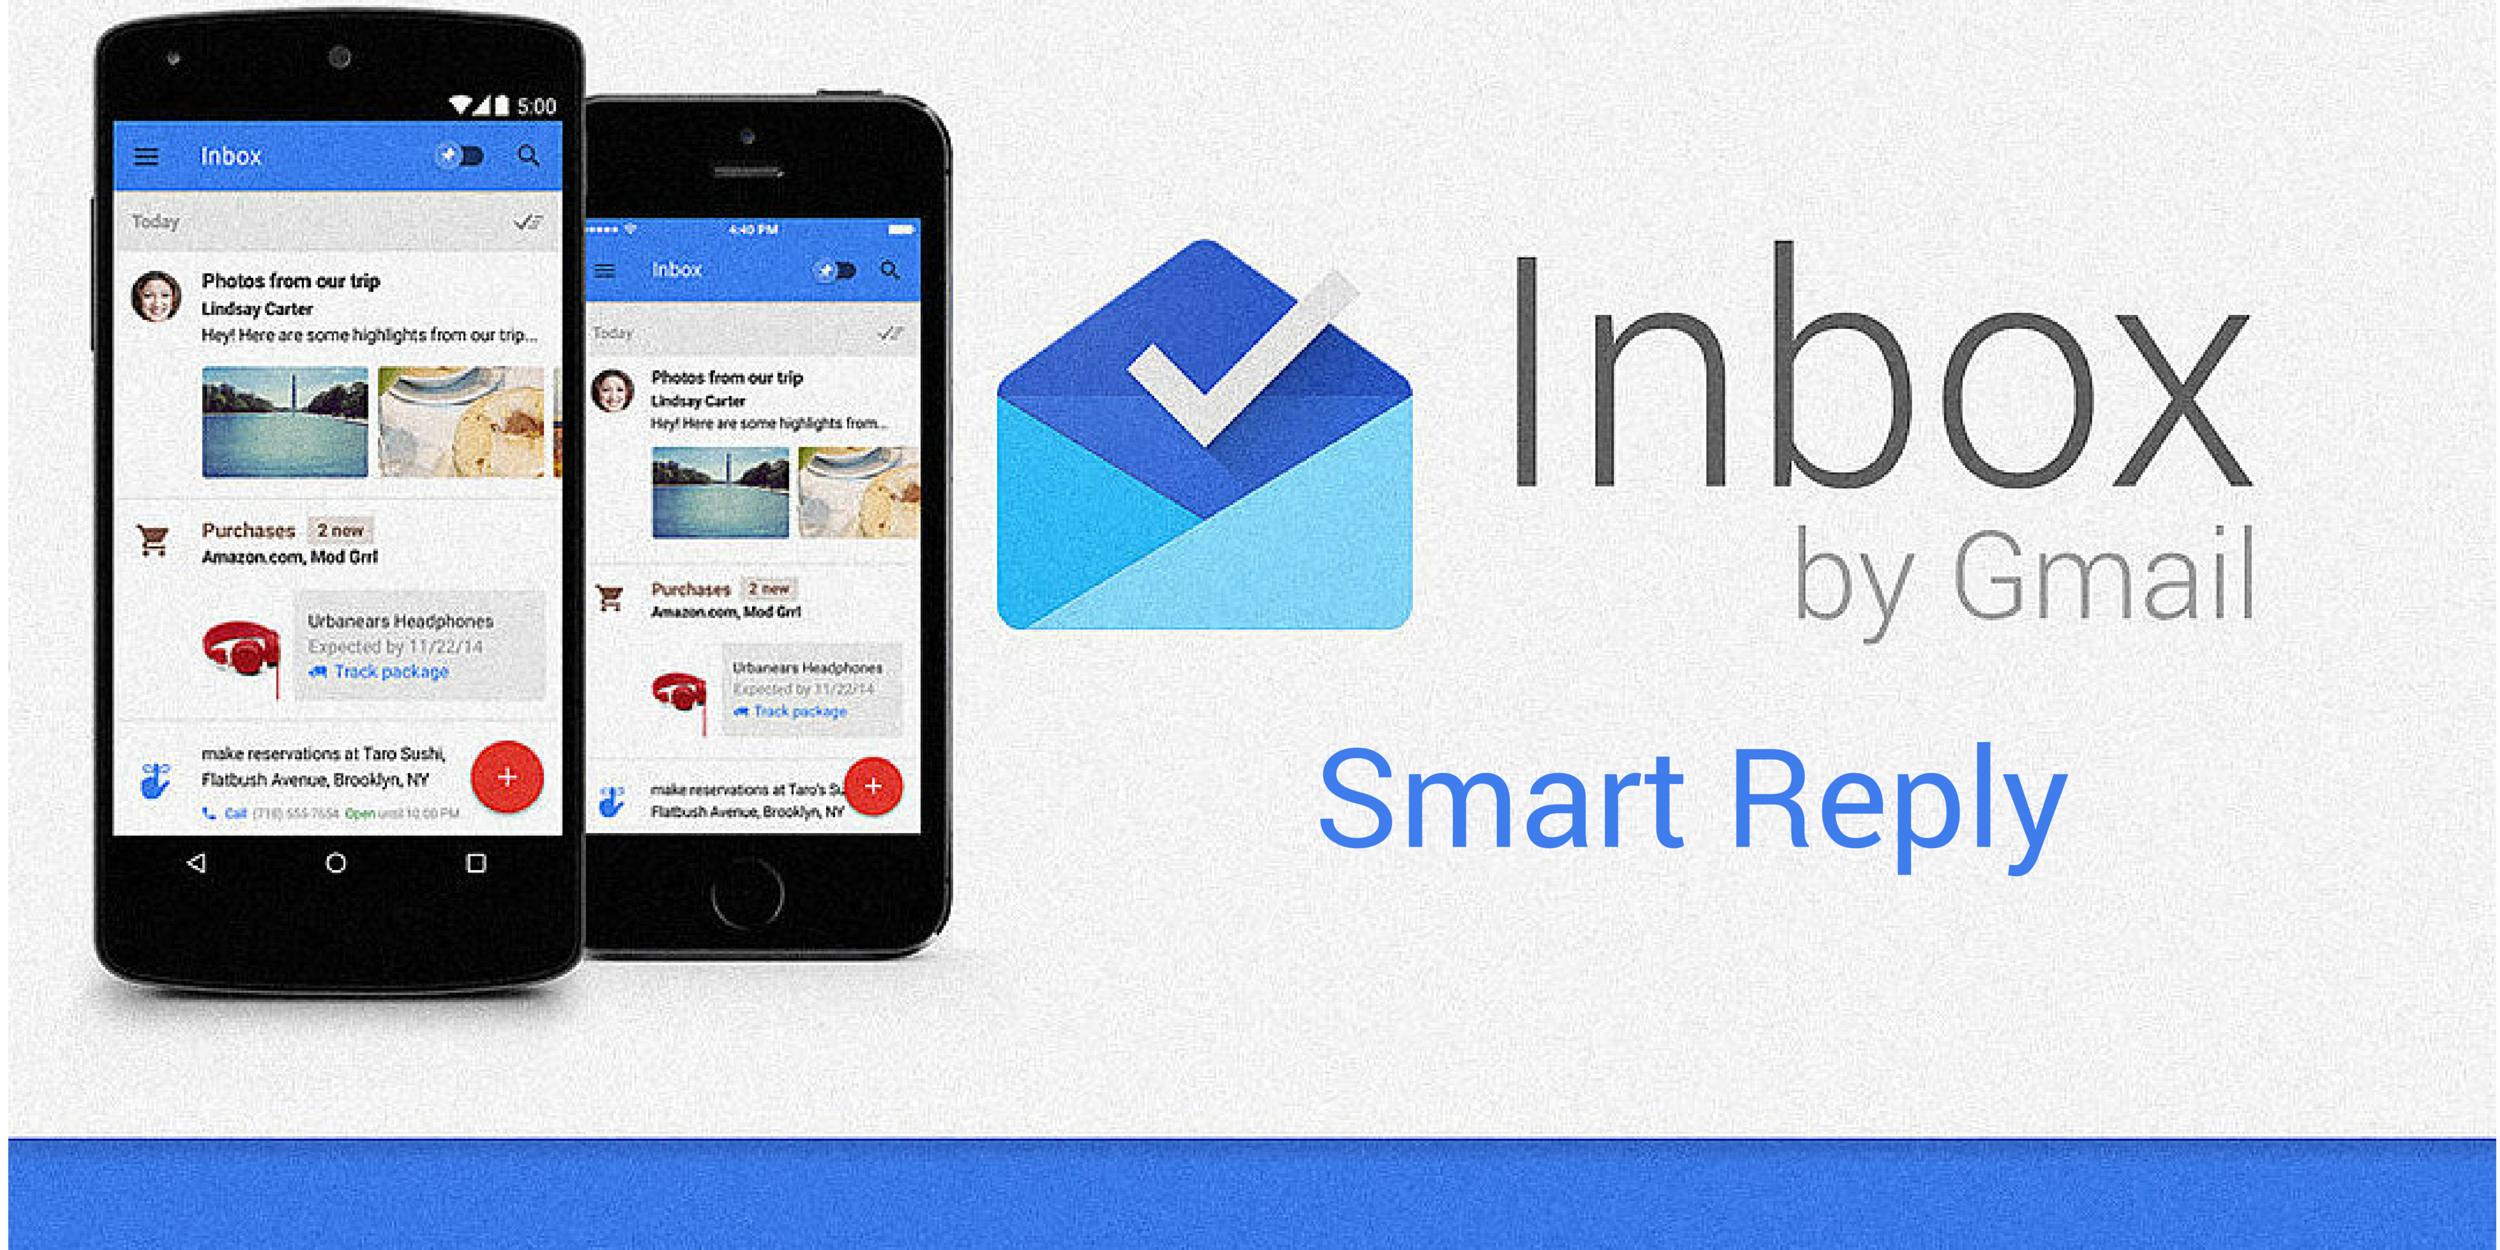 Google теперь будет не только читать ваши письма, но и отвечать на них - http://lifehacker.ru/2015/11/05/smart-reply/